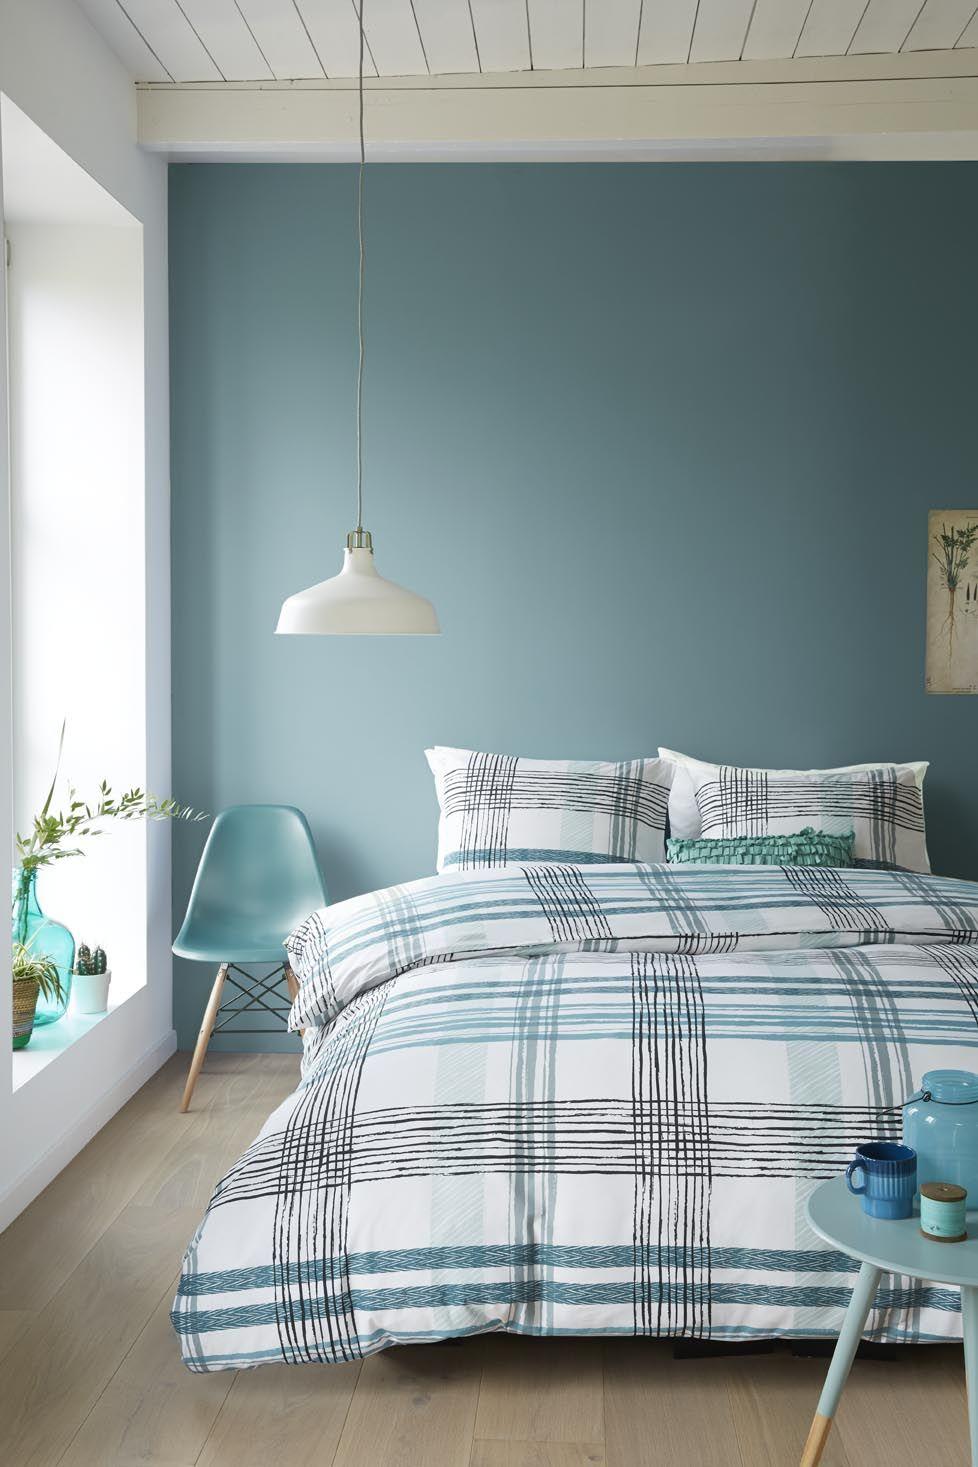 Bonaire Mint Green Duvet Cover Beddinghouse Spring 2015  ~ Escritorio No Quarto De Casal E Quarto Casal Azul Tiffany